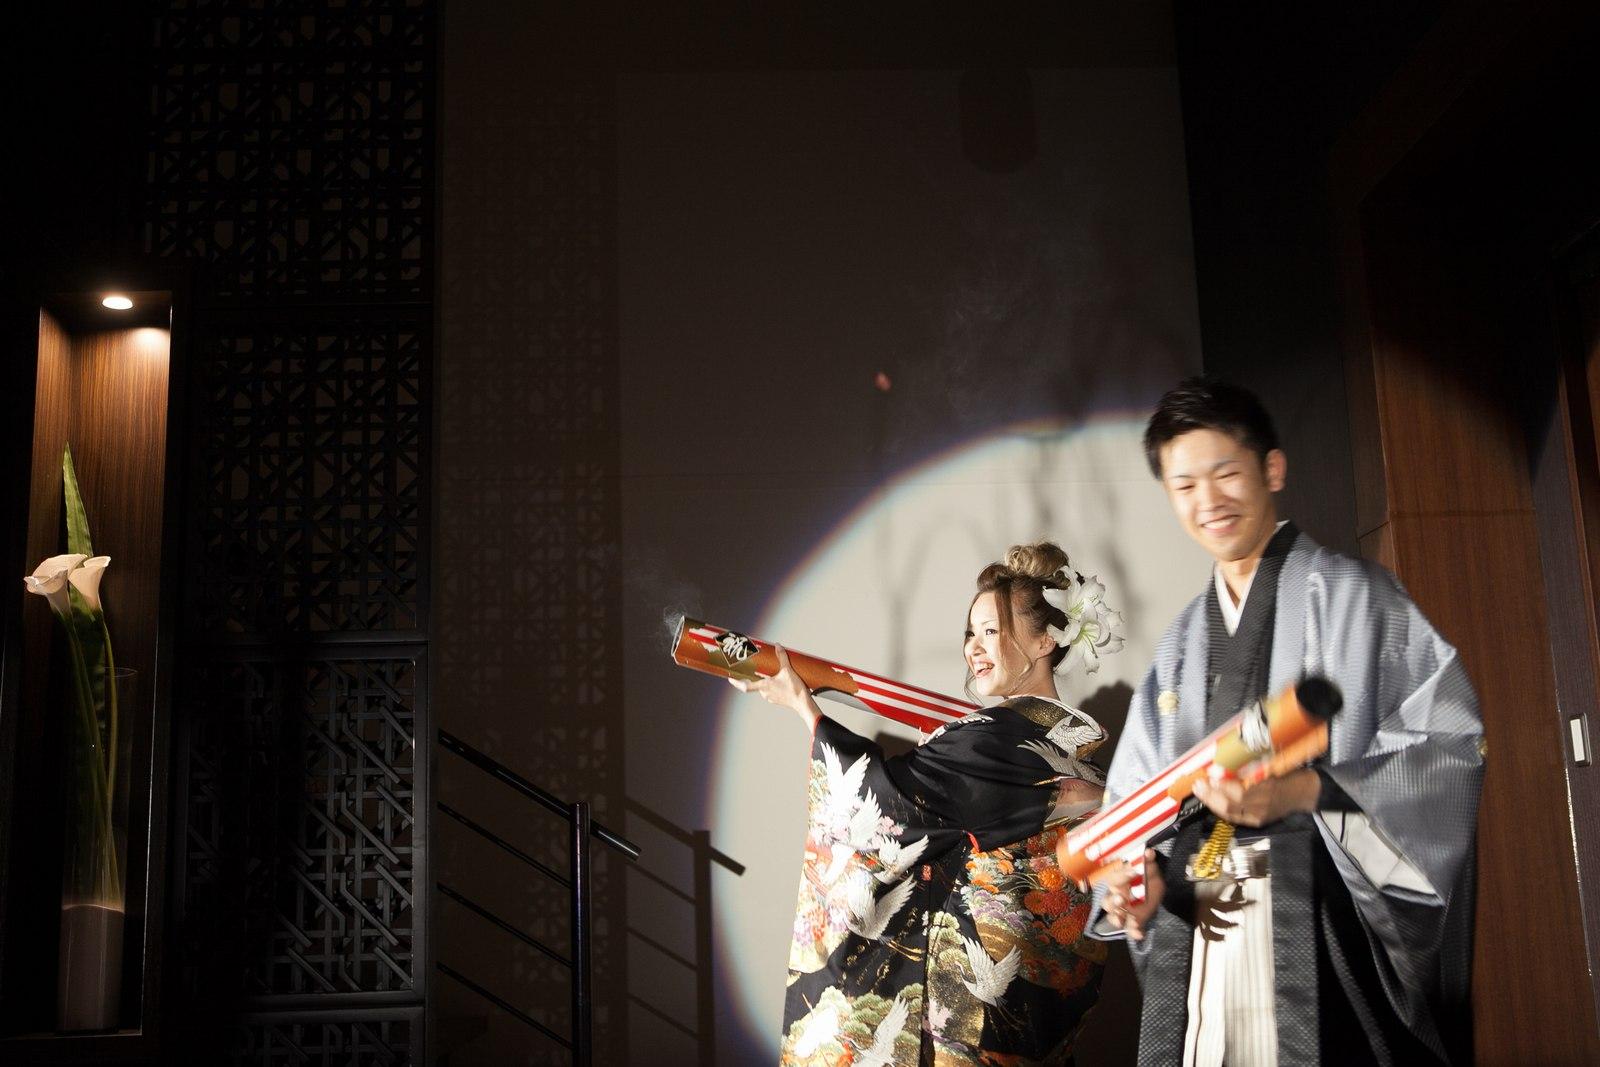 徳島市の結婚式場ブランアンジュでサプライズ登場からのバズーカー